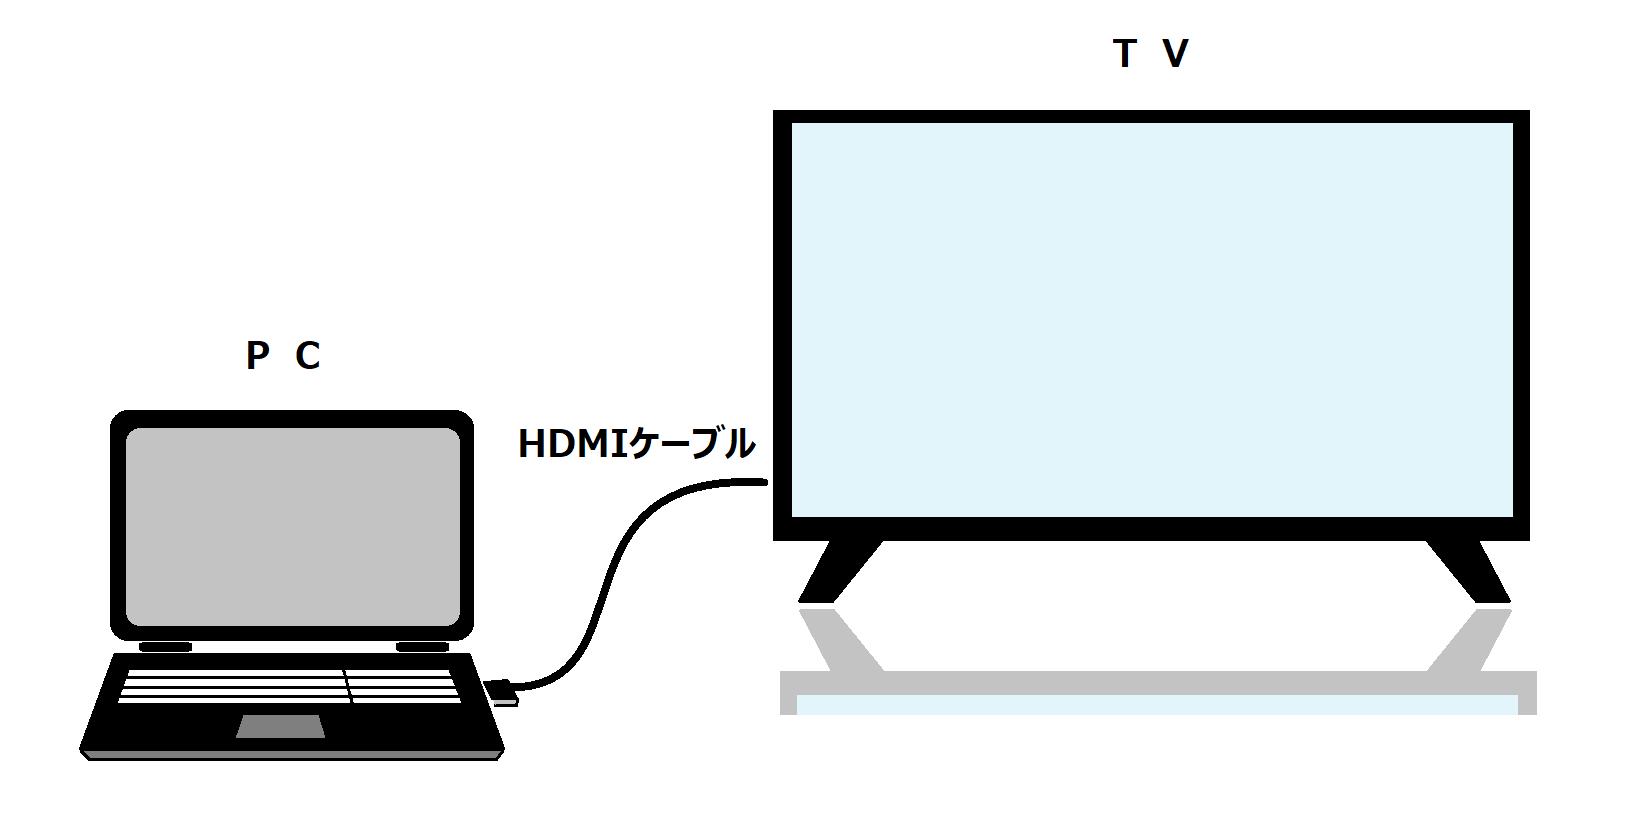 パソコン 画面 テレビ に 映す